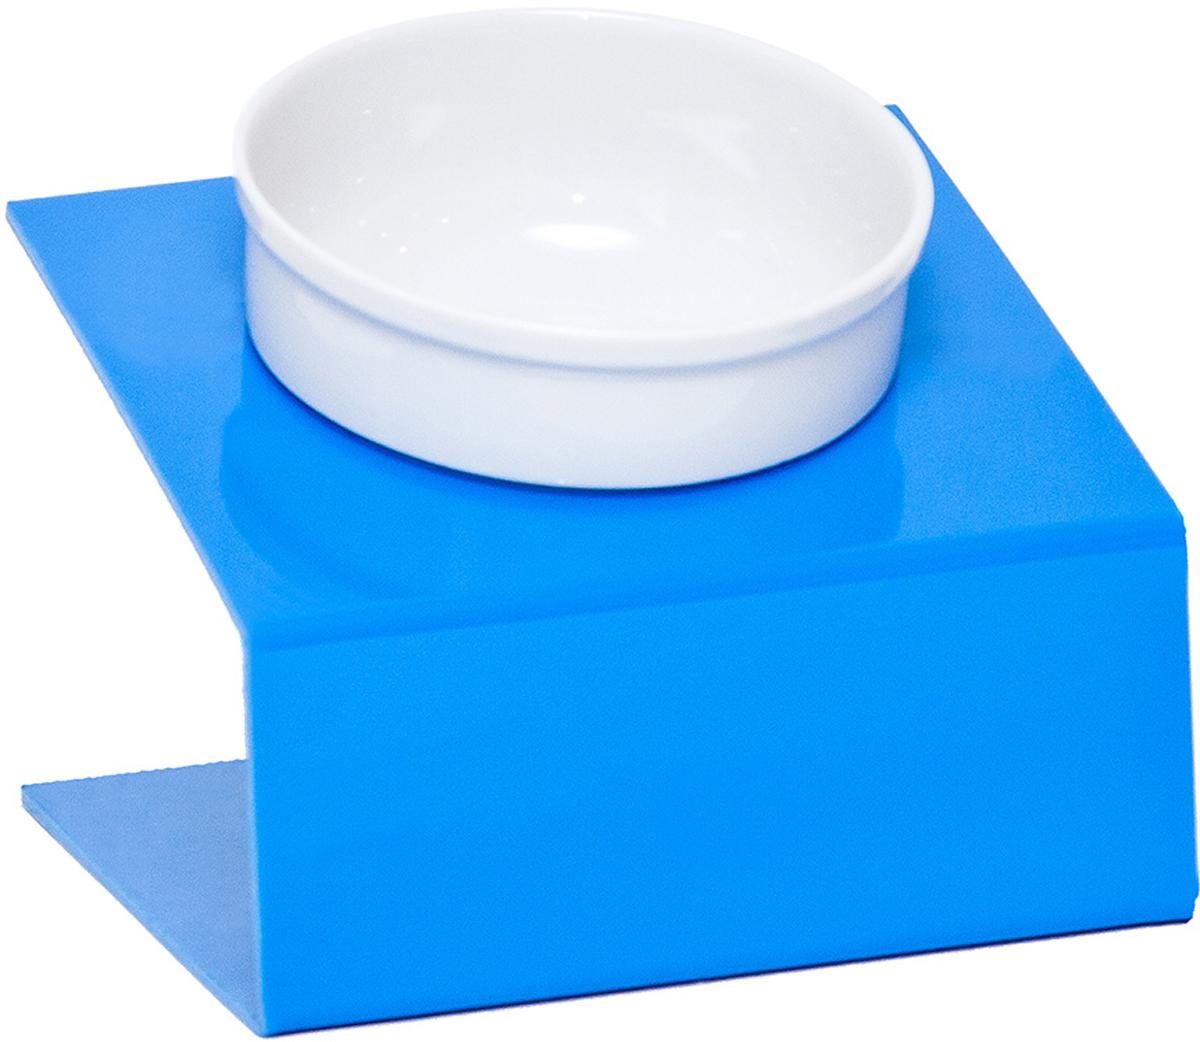 Миска для животныx Artmiska, одинарная, на подставке, цвет: синий, 1 x 350 млО-3Миска для животныx Artmiska создана специально для кошек и собак мелких пород.Высота подставки и угол ее наклона максимально обеспечивают правильное положение тела кошки или собаки при кормлении.Оптимальная высота и угол наклона подставки, форма и объем миски эффективно снижают разбрасывание корма домашним питомцем.Artmiska подходит для всех кошек и собакам мелких пород – той-терьерам, шпицам, йоркширским терьерам, карликовым пинчерам, чихуахуа и другим.Объем миски - 350 мл.